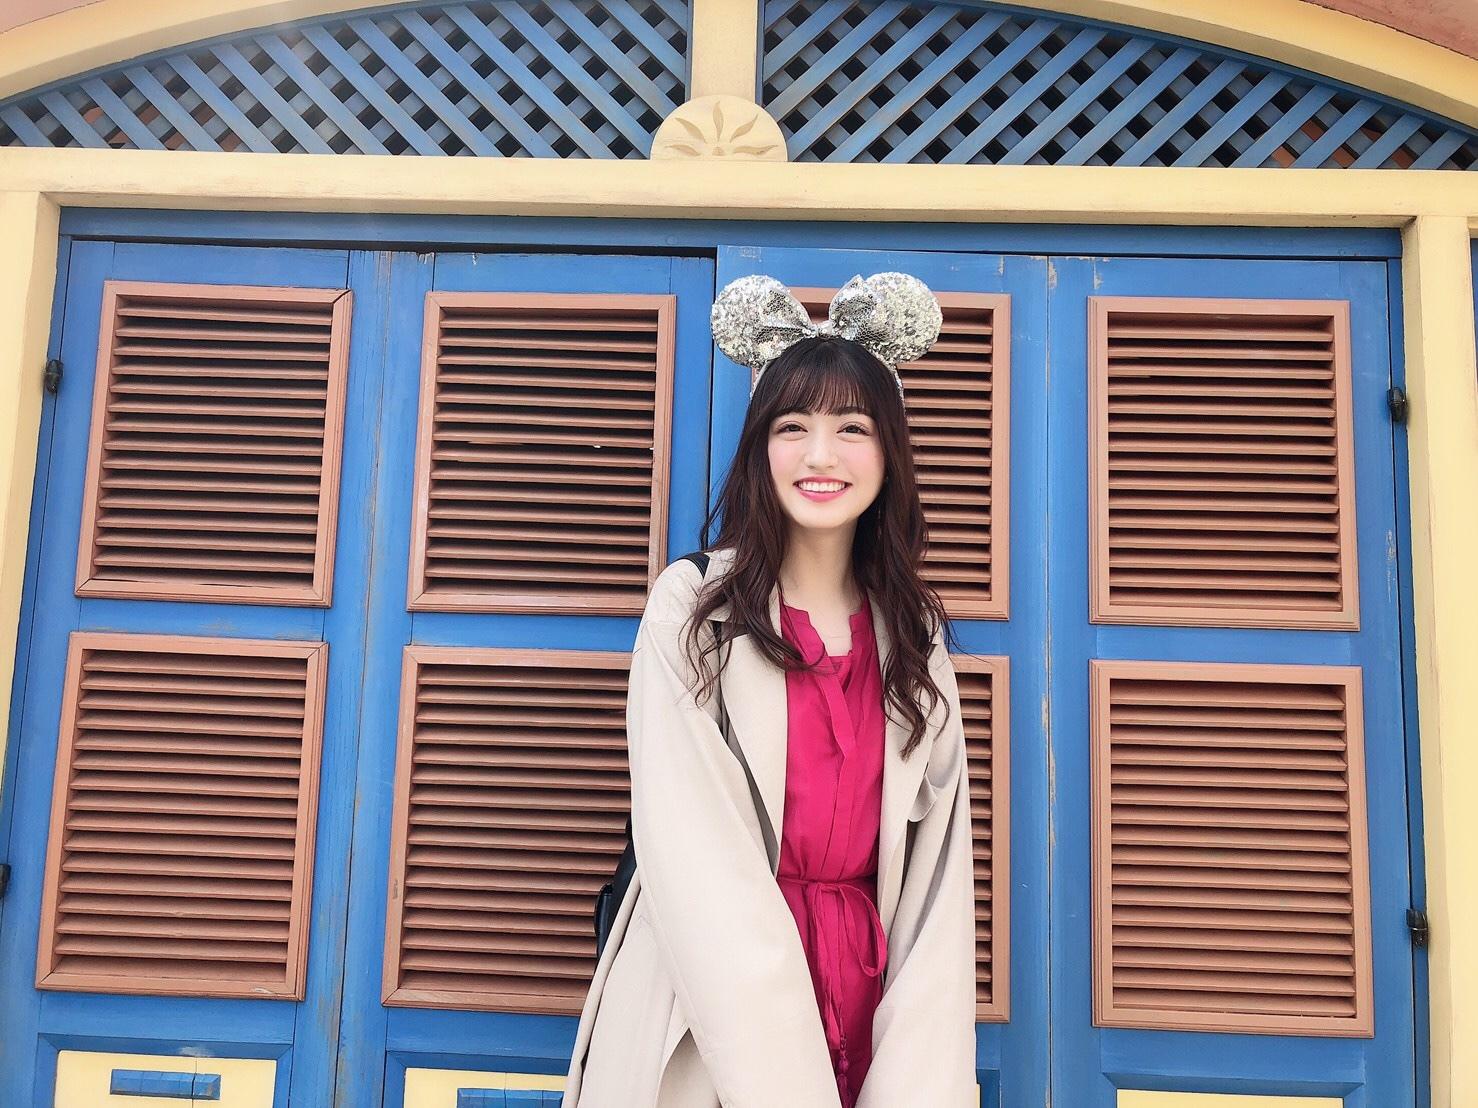 【インスタ映え】ディズニーランドおすすめ穴場写真スポット♡_1_5